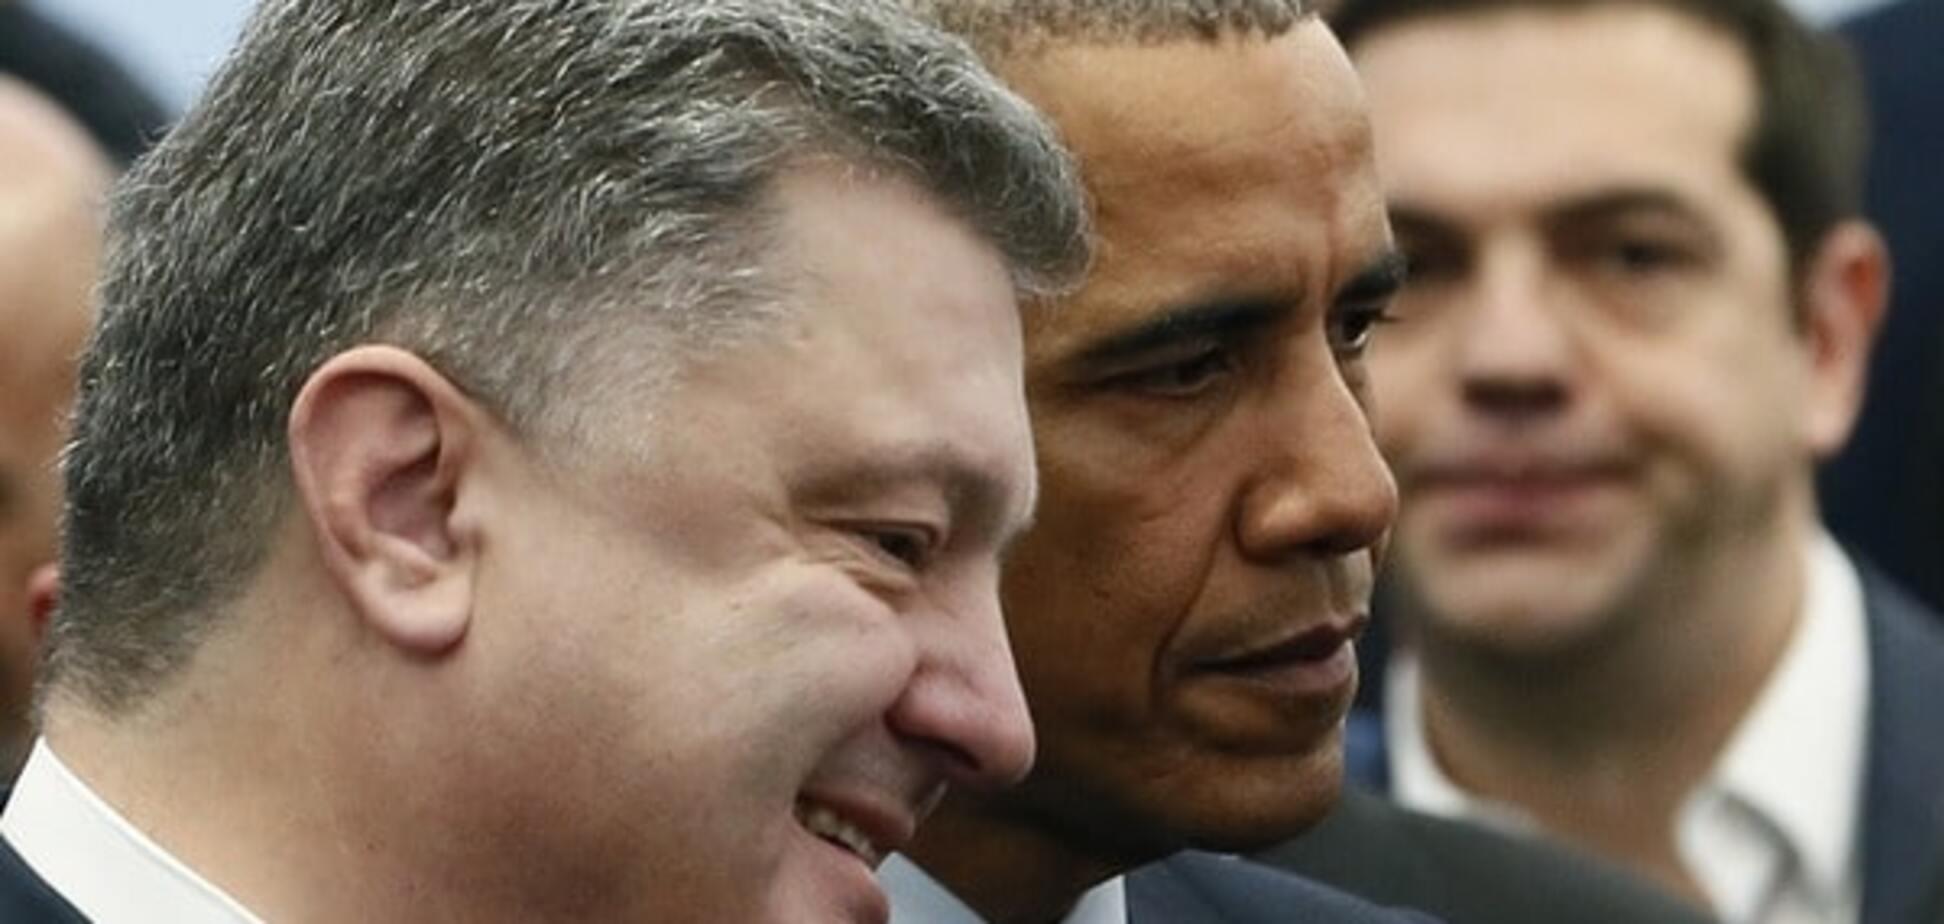 П'ять бажань для Обами: дипломат розповів, що Порошенко попросить у президента США